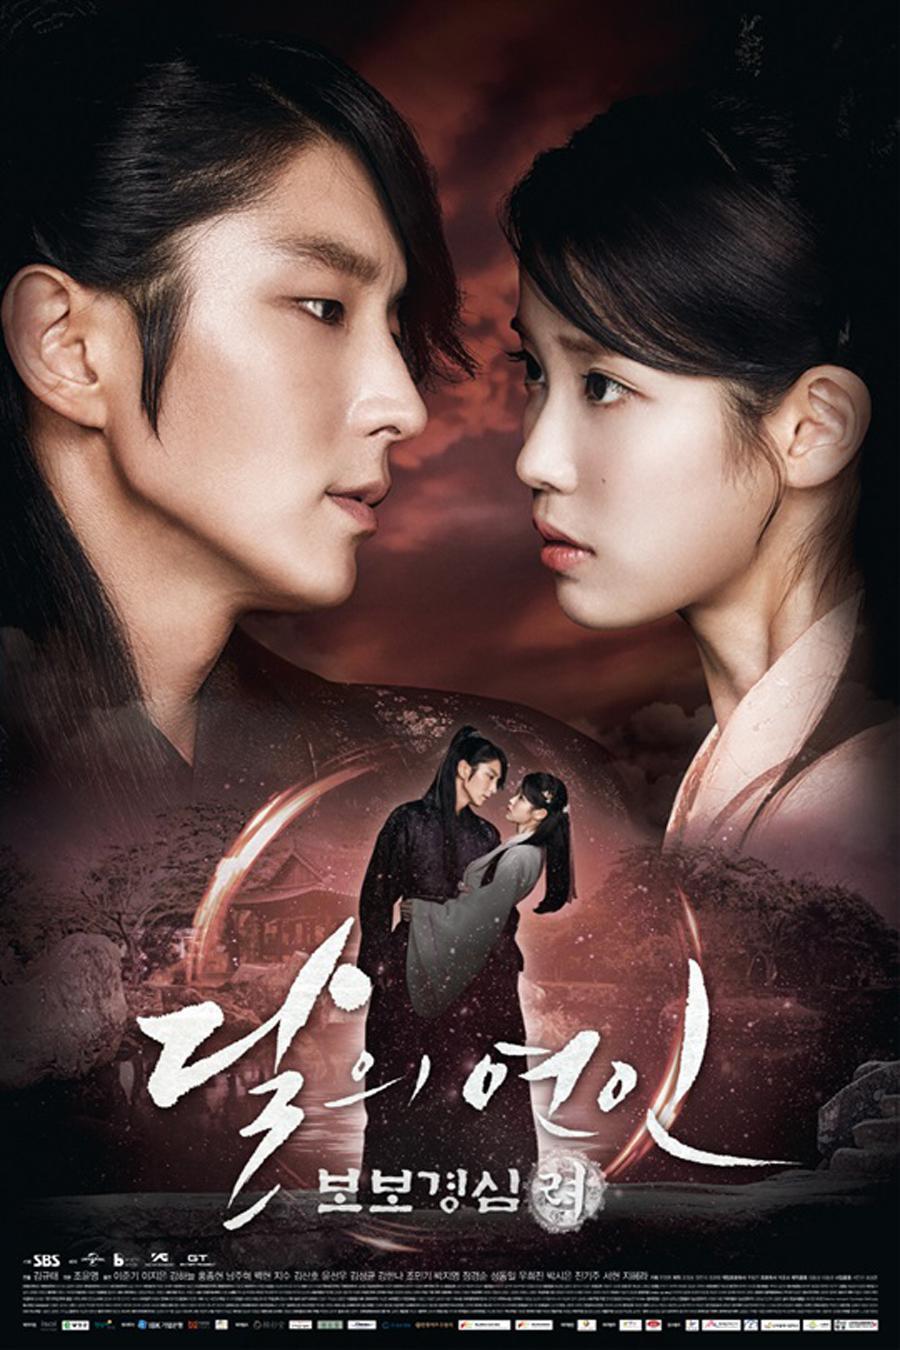 颠覆古装韩剧的传统!这部翻拍自中国古装剧的韩剧要开播了插图1